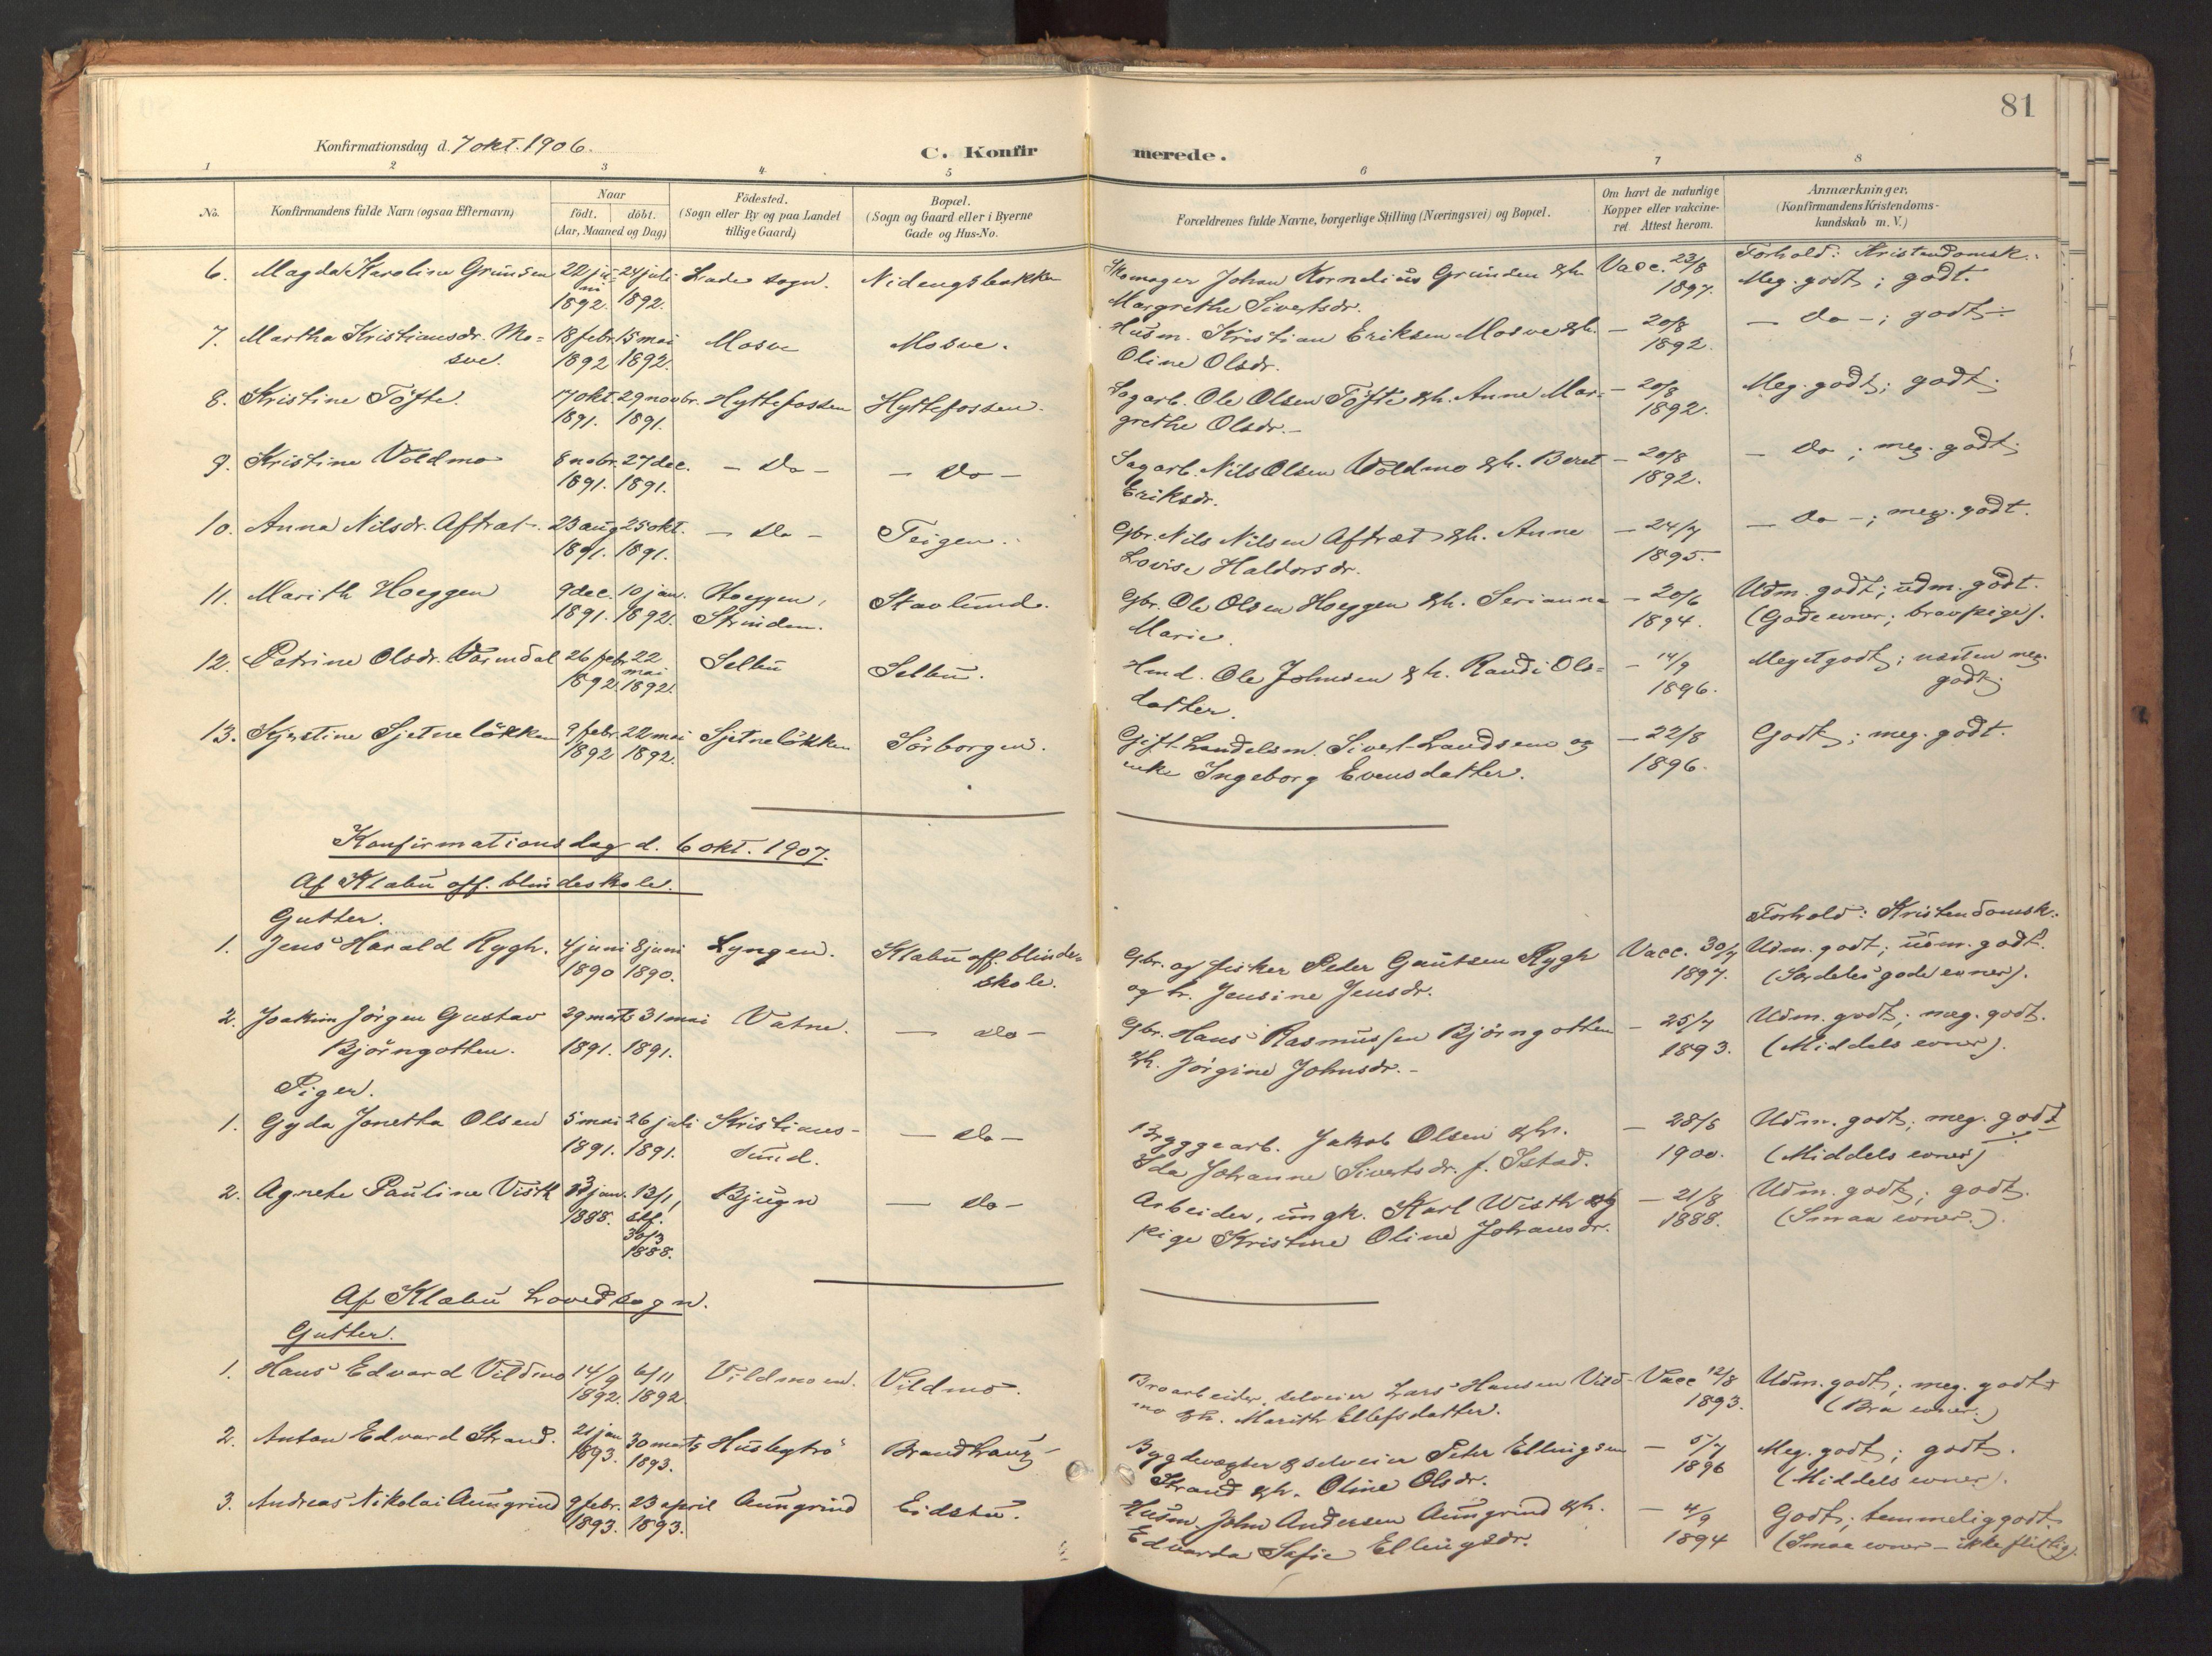 SAT, Ministerialprotokoller, klokkerbøker og fødselsregistre - Sør-Trøndelag, 618/L0448: Ministerialbok nr. 618A11, 1898-1916, s. 81